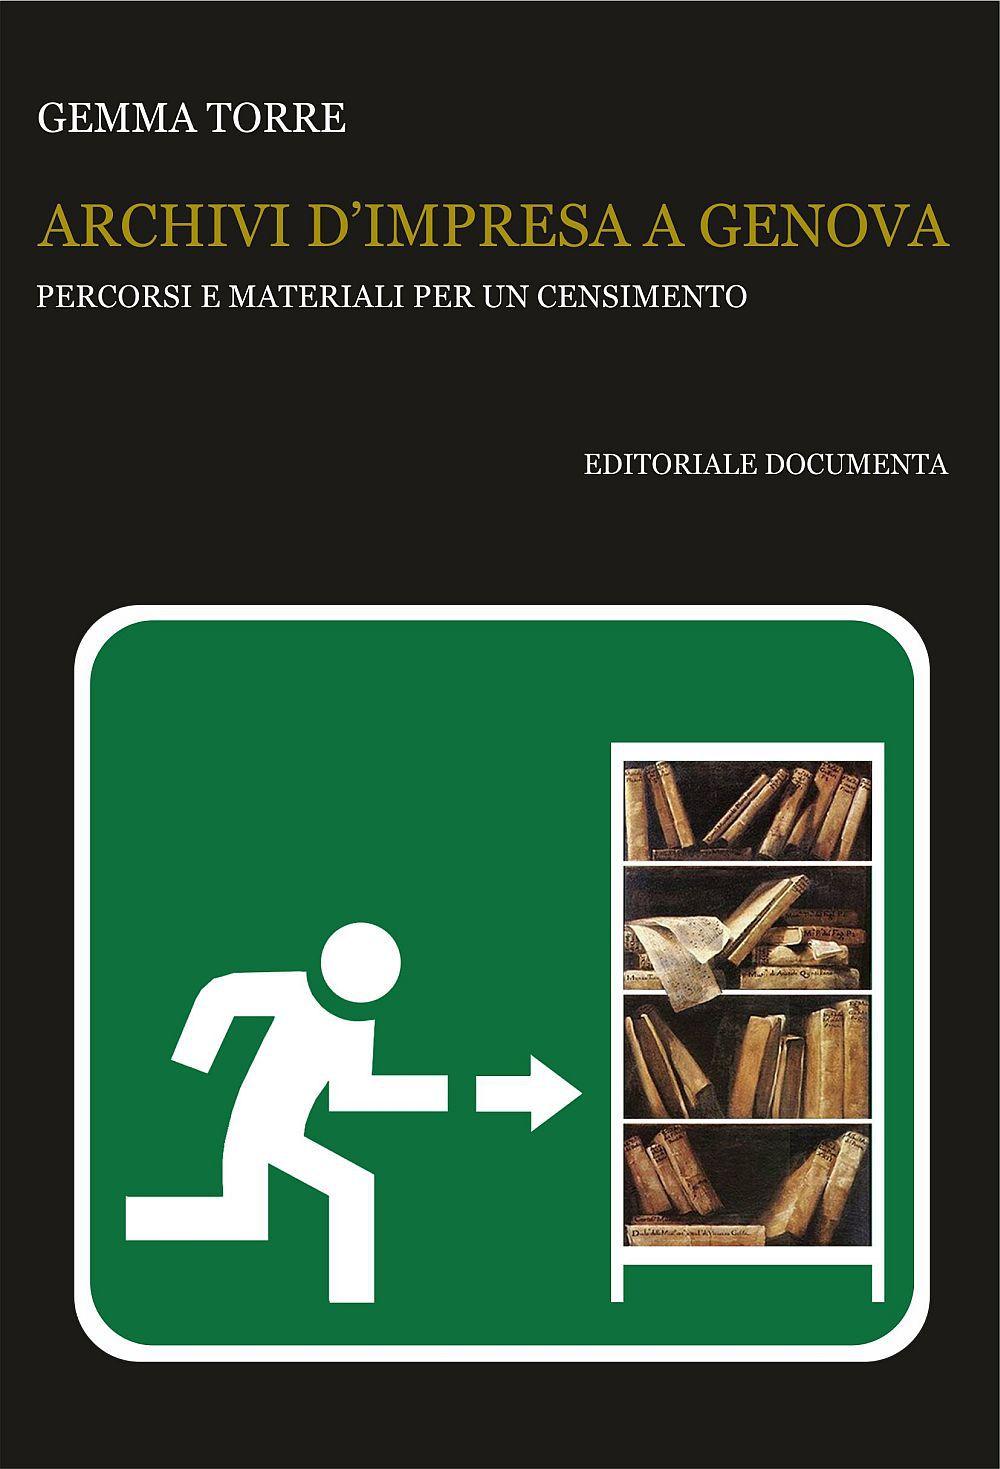 Archivi d'impresa a Genova: percorsi e materiali per un censimento. Gemma Torre